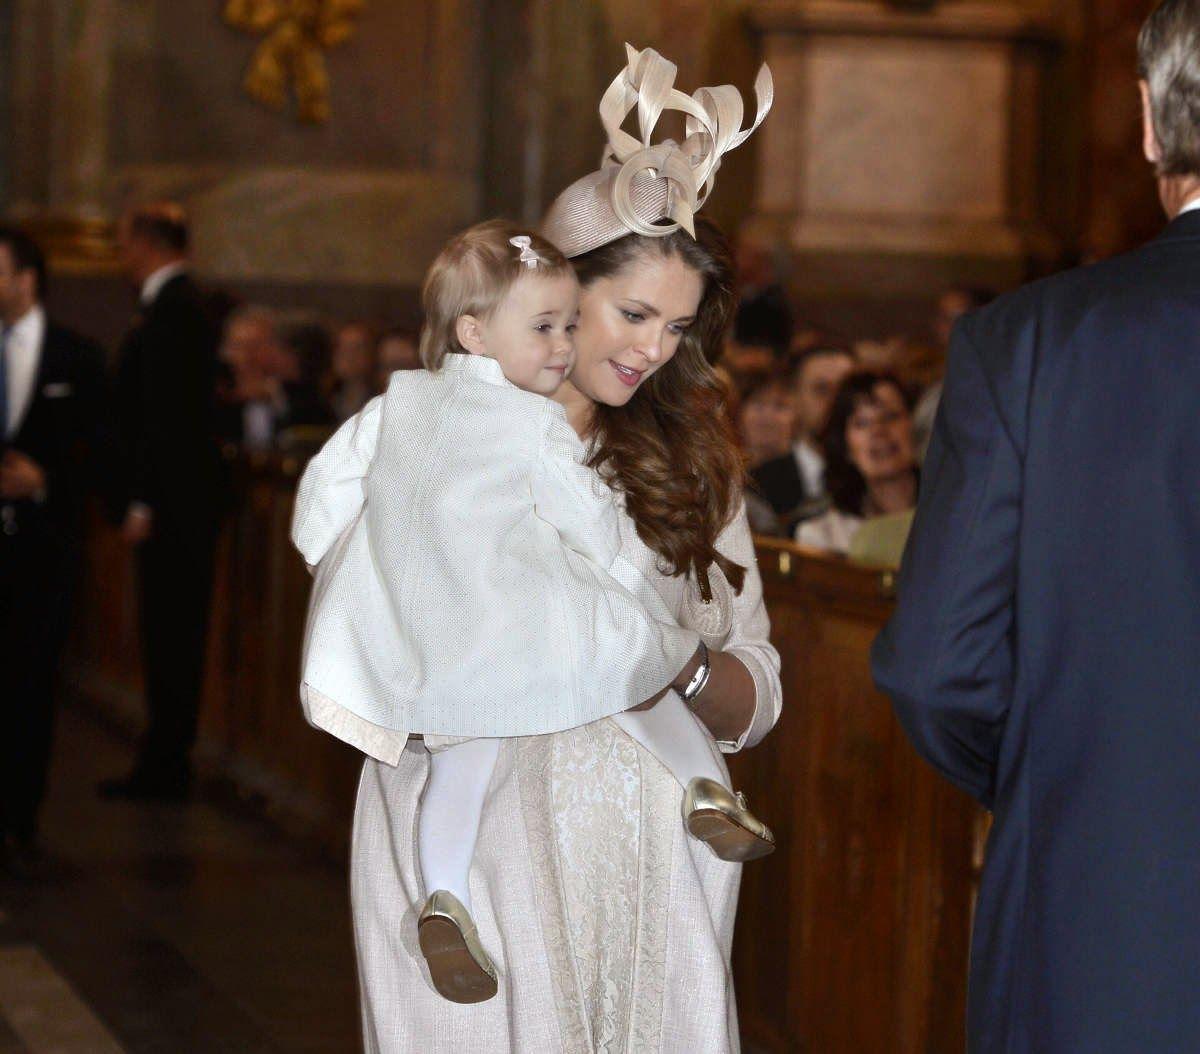 C r monie de publication des bans du mariage du prince carl philip sofia hellqvist princess - Publication banc mariage ...